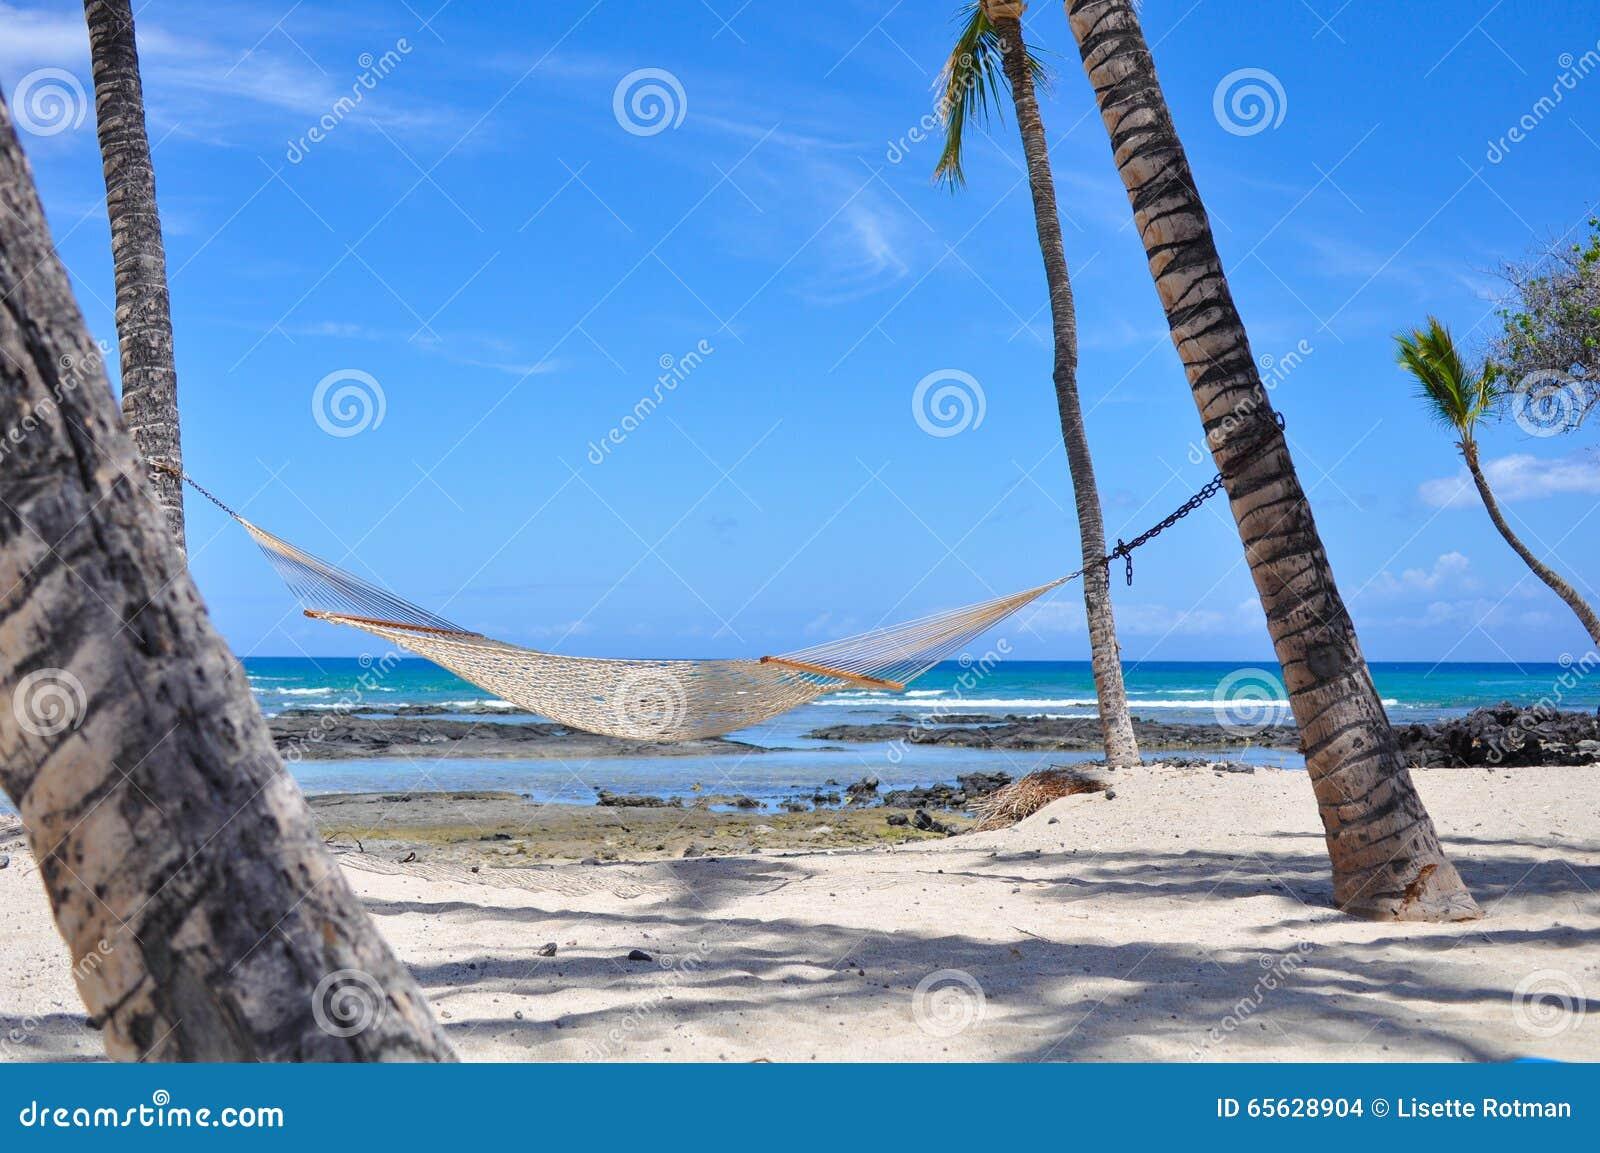 L hamac net a attaché aux palmiers la grande île